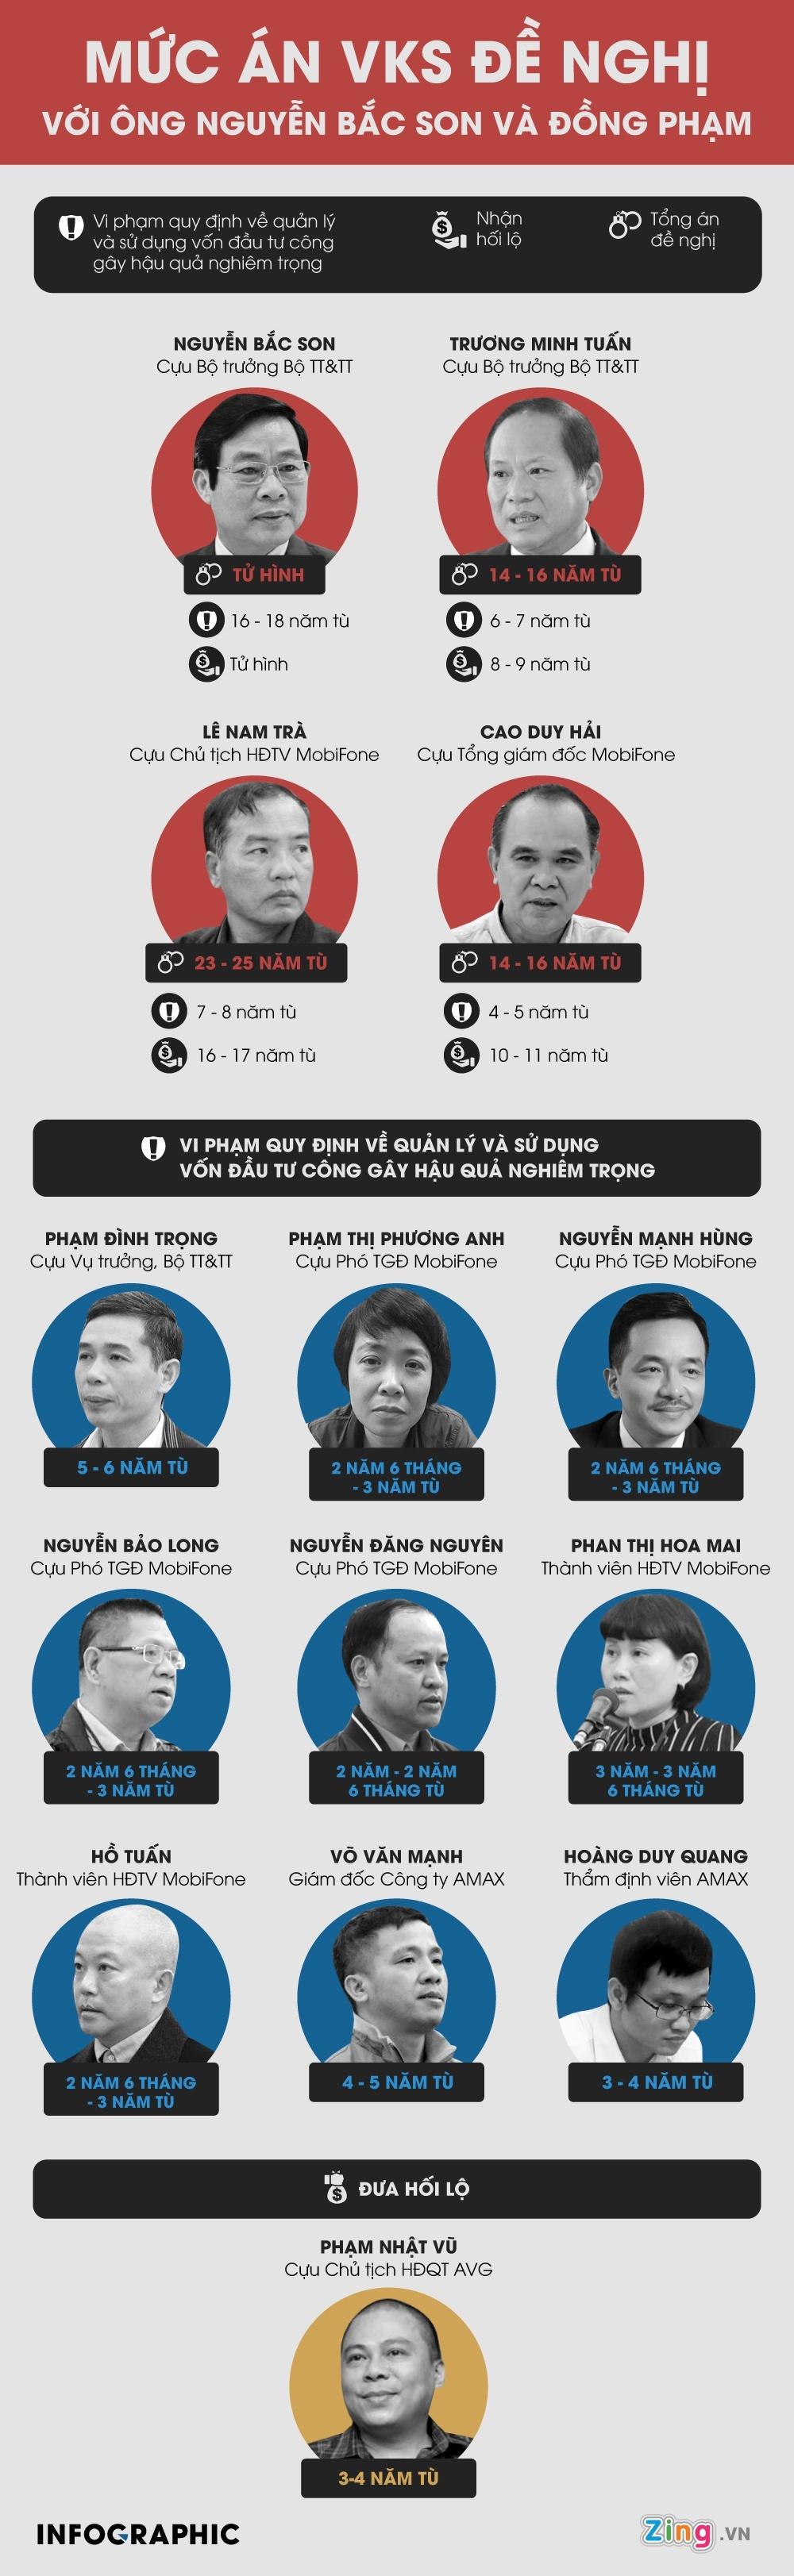 Ong Nguyen Bac Son nhan an chung than hinh anh 3 MUC_AN_VKS_DE_NGHI_VOI_ONG_NGUYEN_BAC_SON_VA_DONG_PHAM_2_.jpg